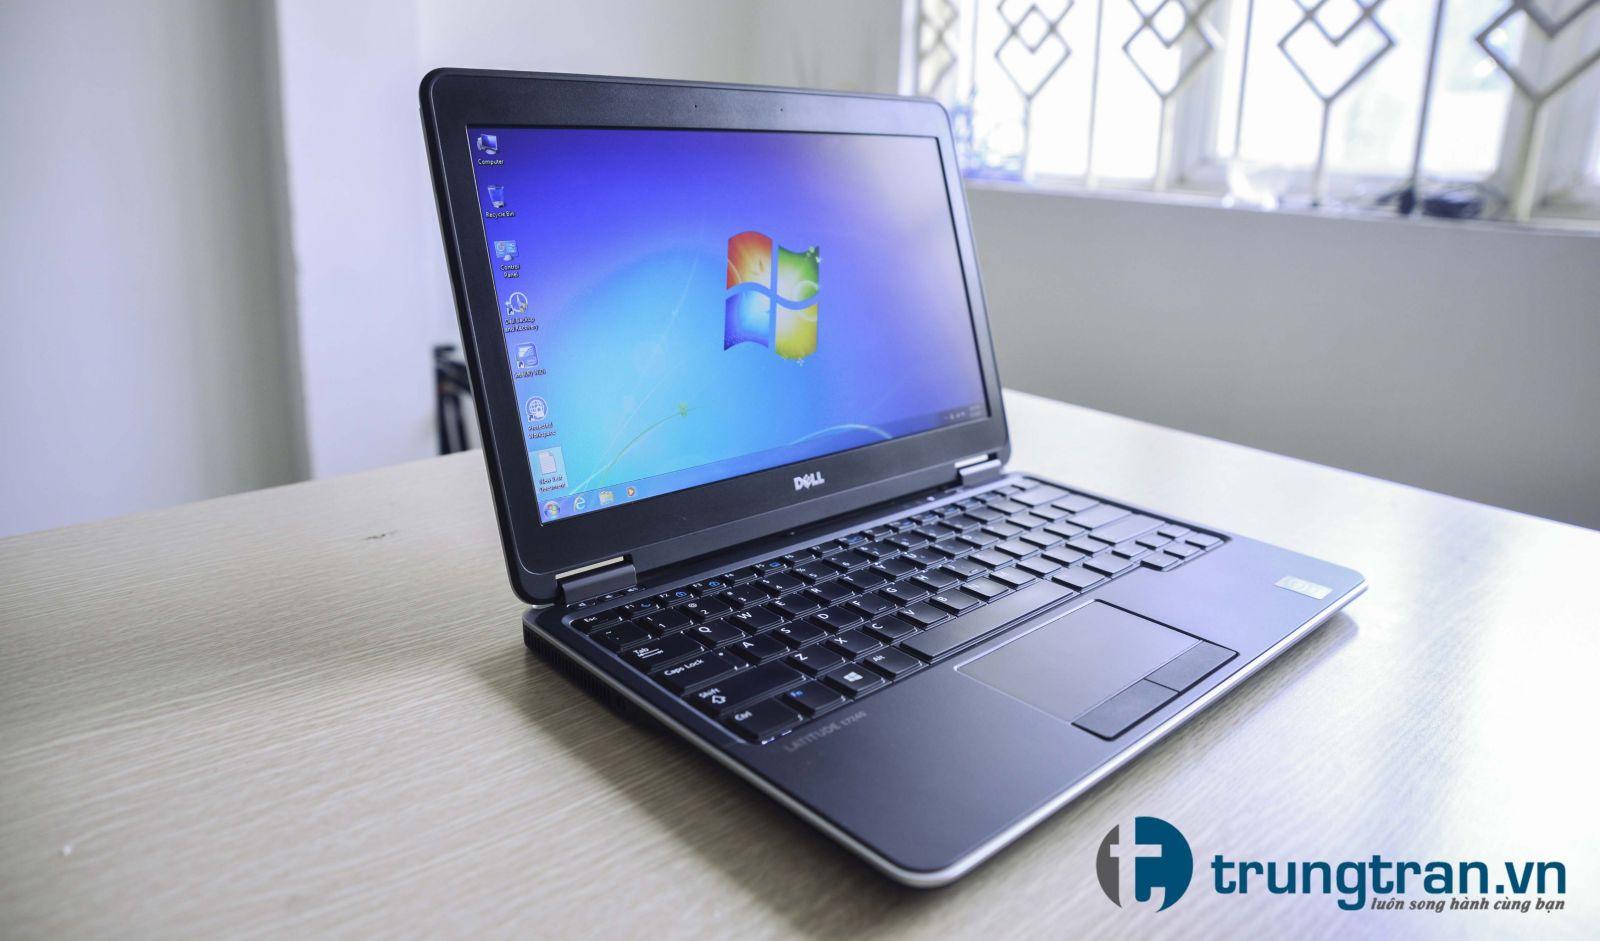 Chất lượng màn hình Dell Latitude E7240